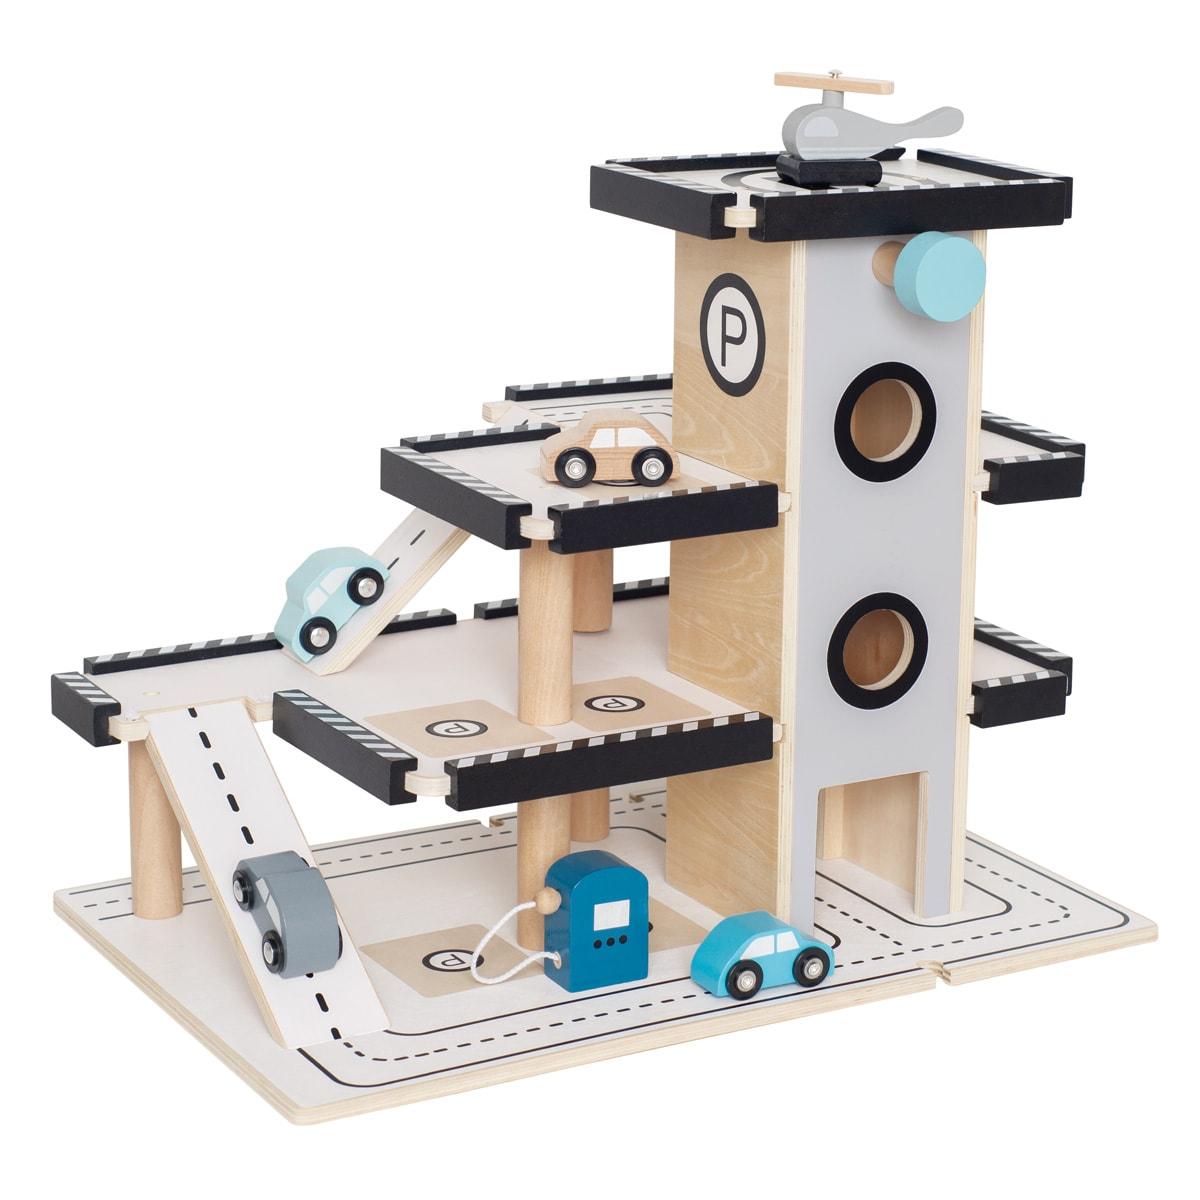 Jabadabado - Köp leksaker och barninredning online  c8c62b4125842